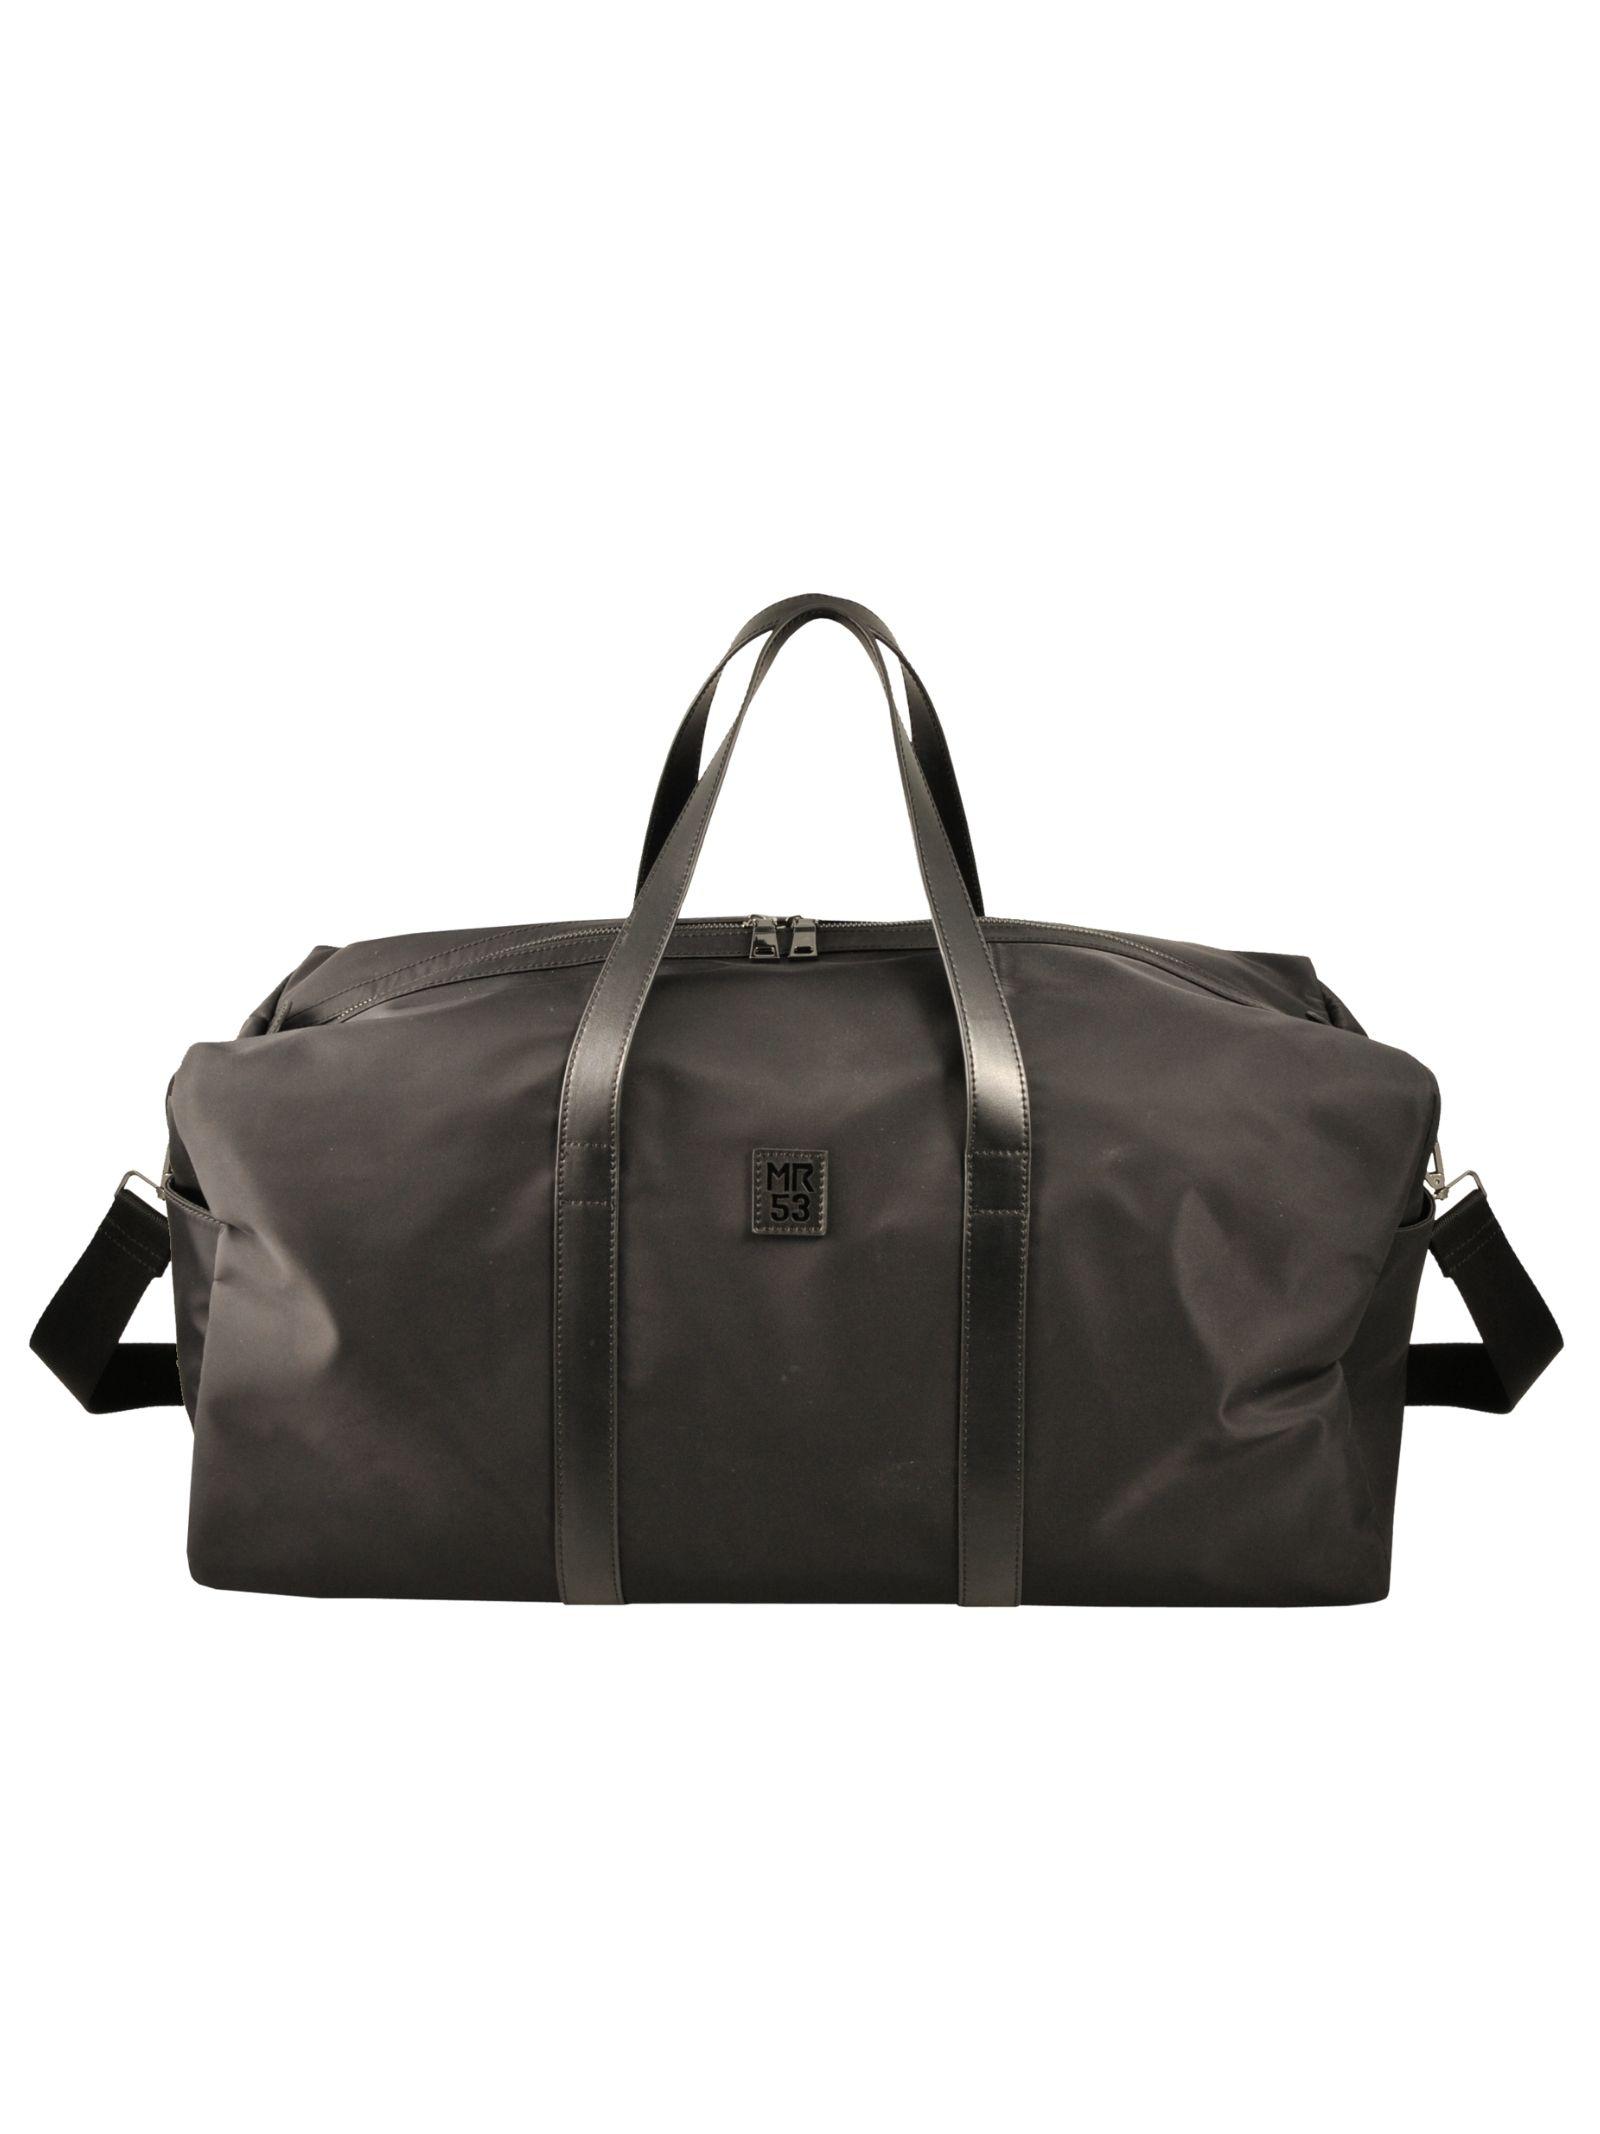 Men's Travel Bag Minoronzoni | Bags and backpacks | MRF196B120C99